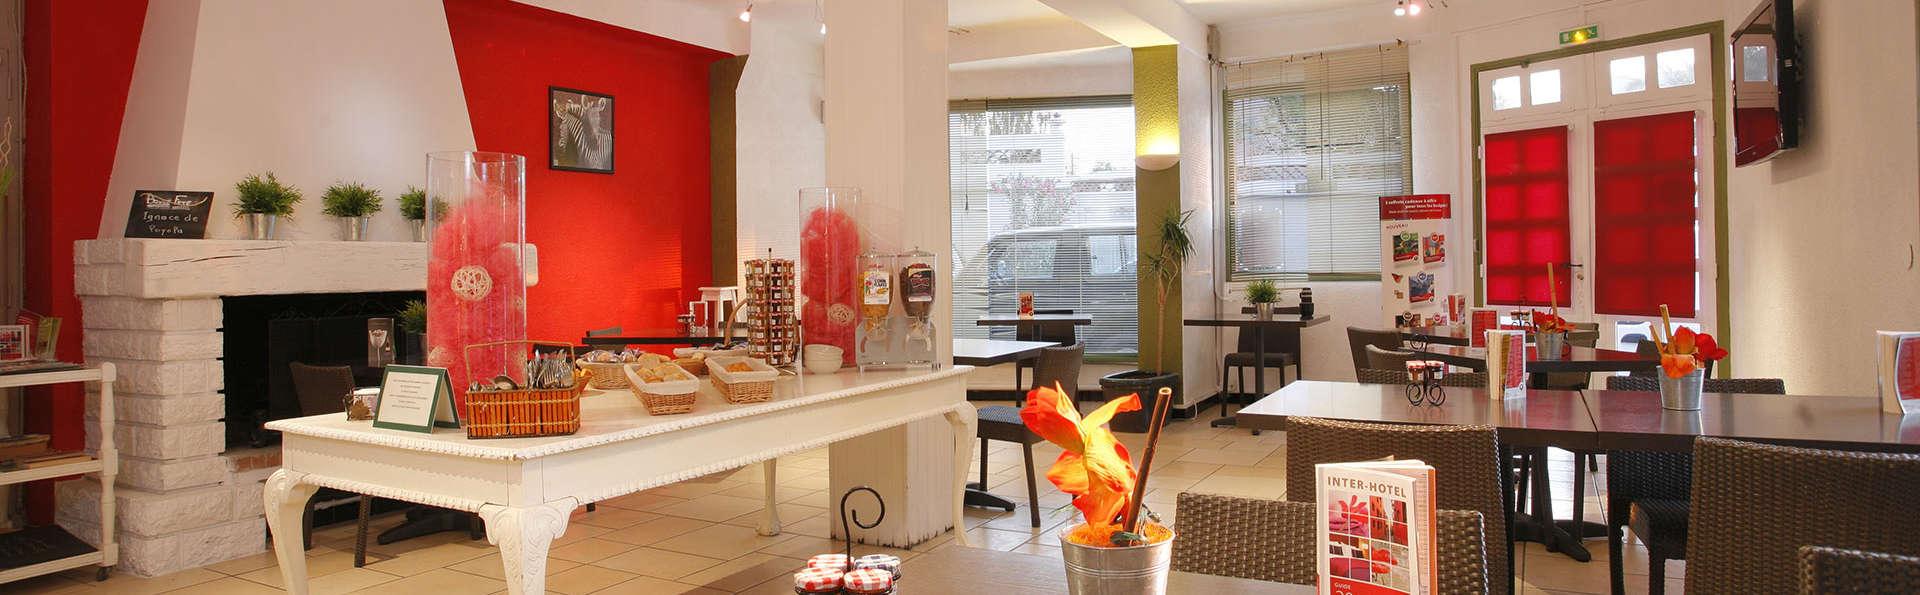 The Originals City, Hôtel Le Grillon d'Or, Perpignan Sud (Inter-Hotel) - Edit_Restaurant.jpg